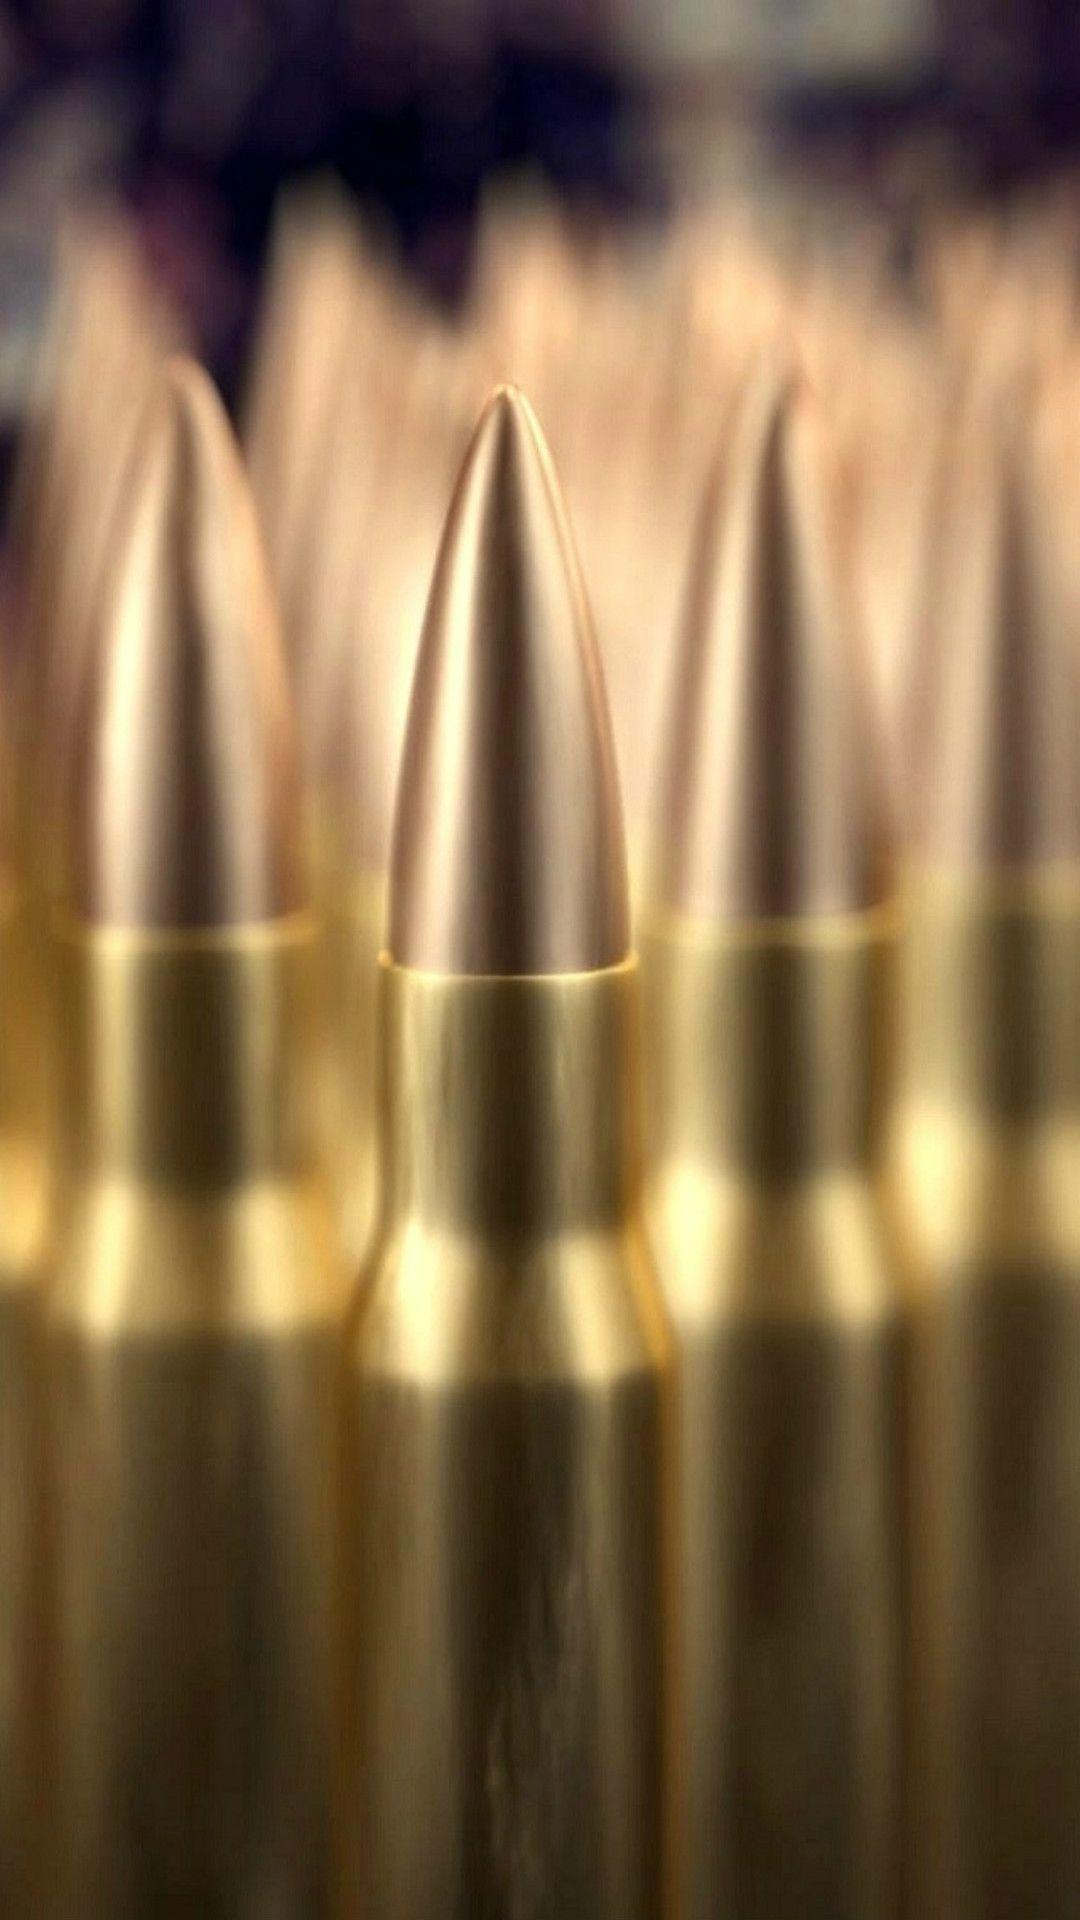 Military Bullet Pile Macro Bokeh iPhone 8 Wallpapers